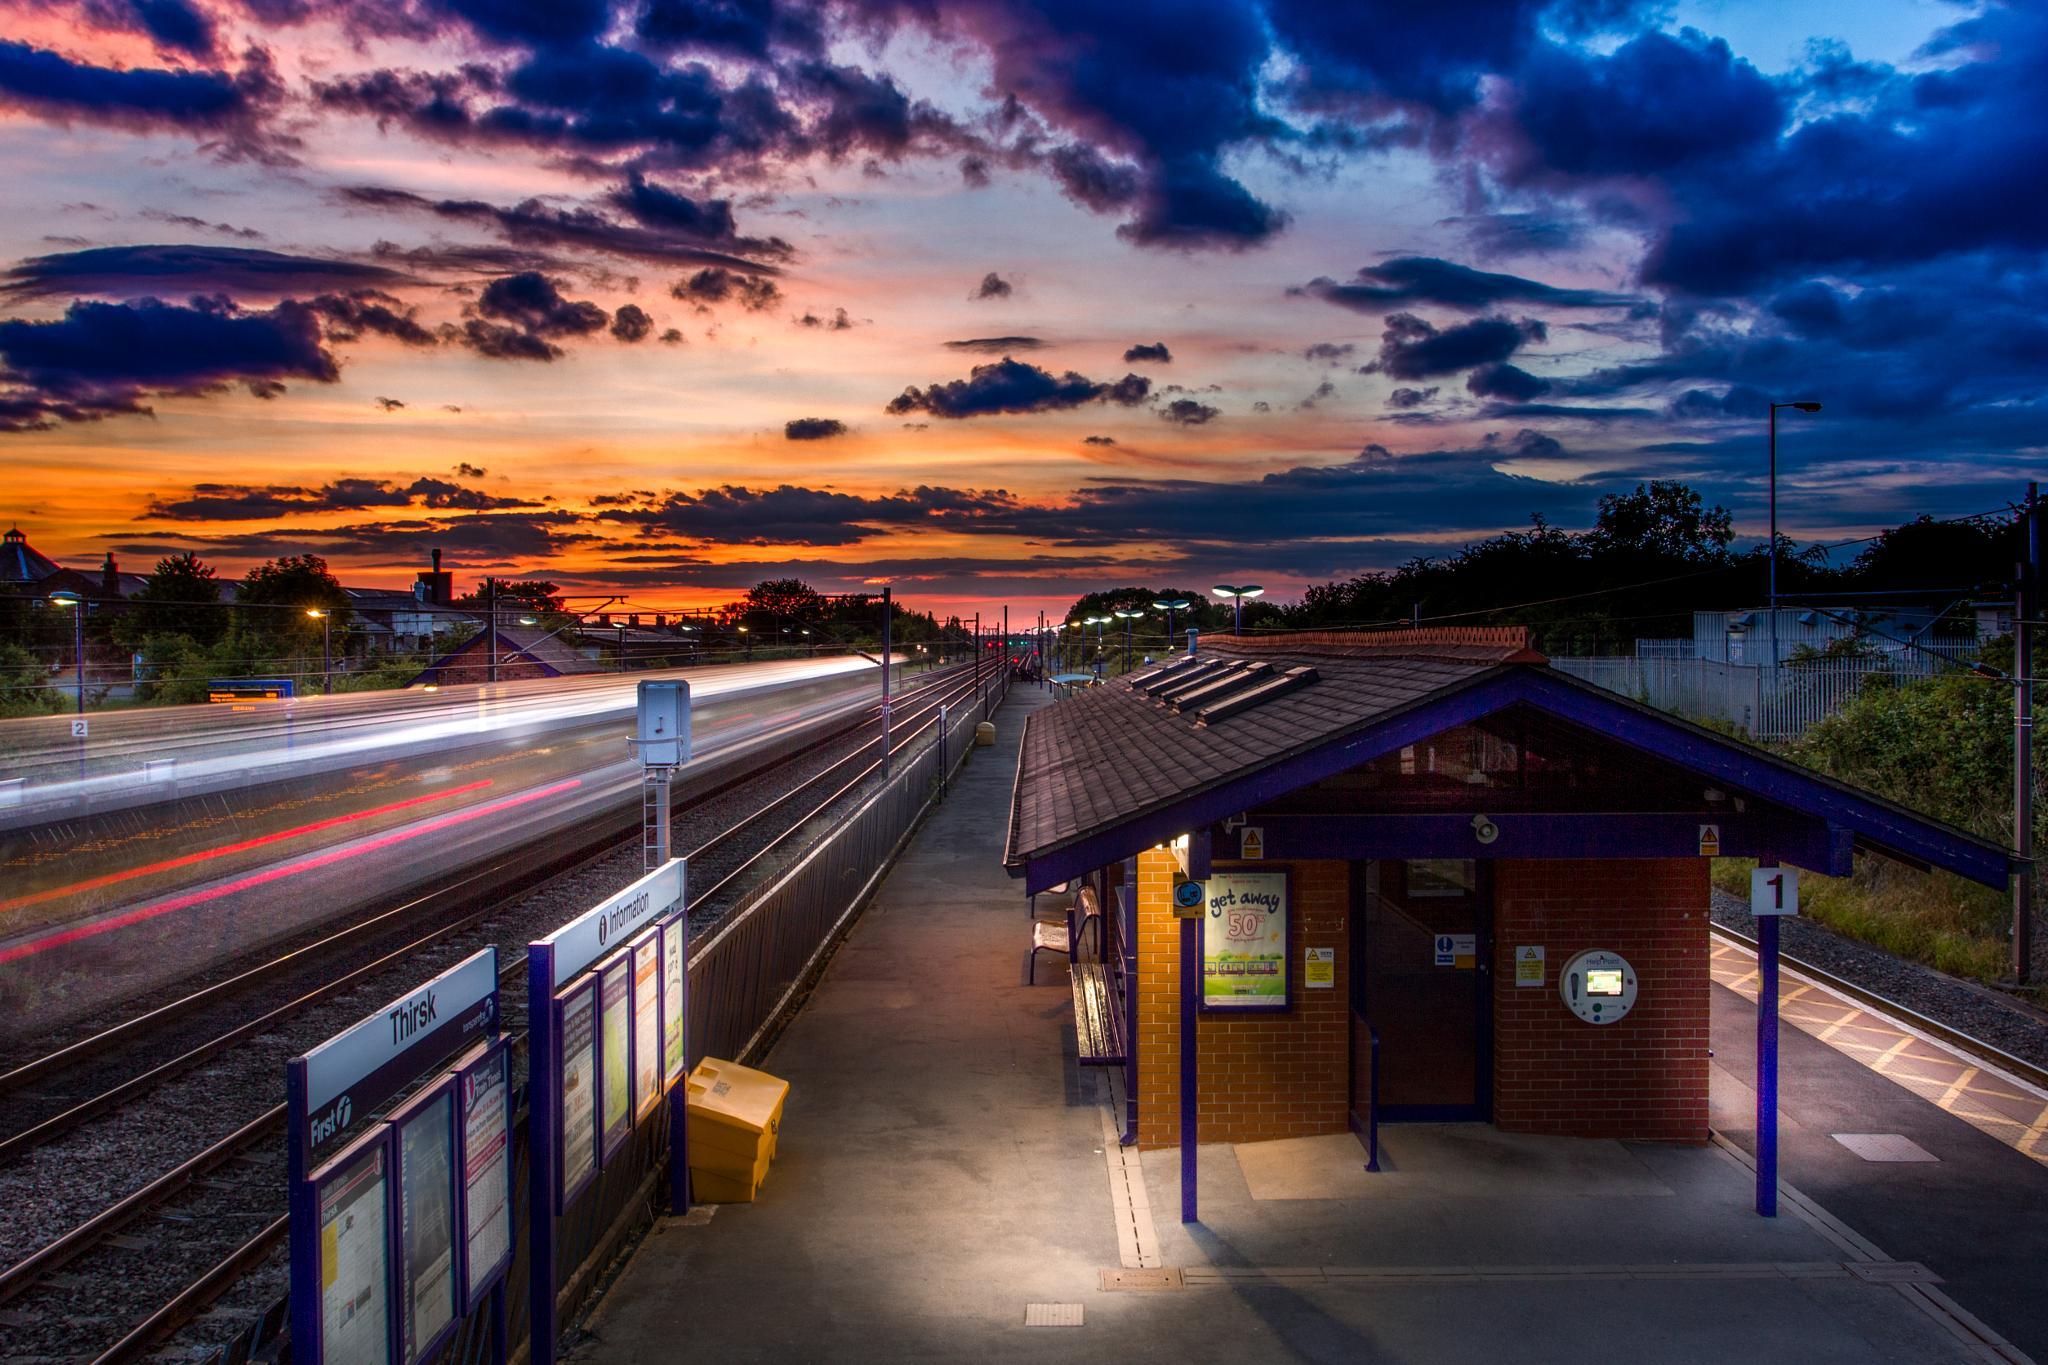 Night Train by Tony Shaw